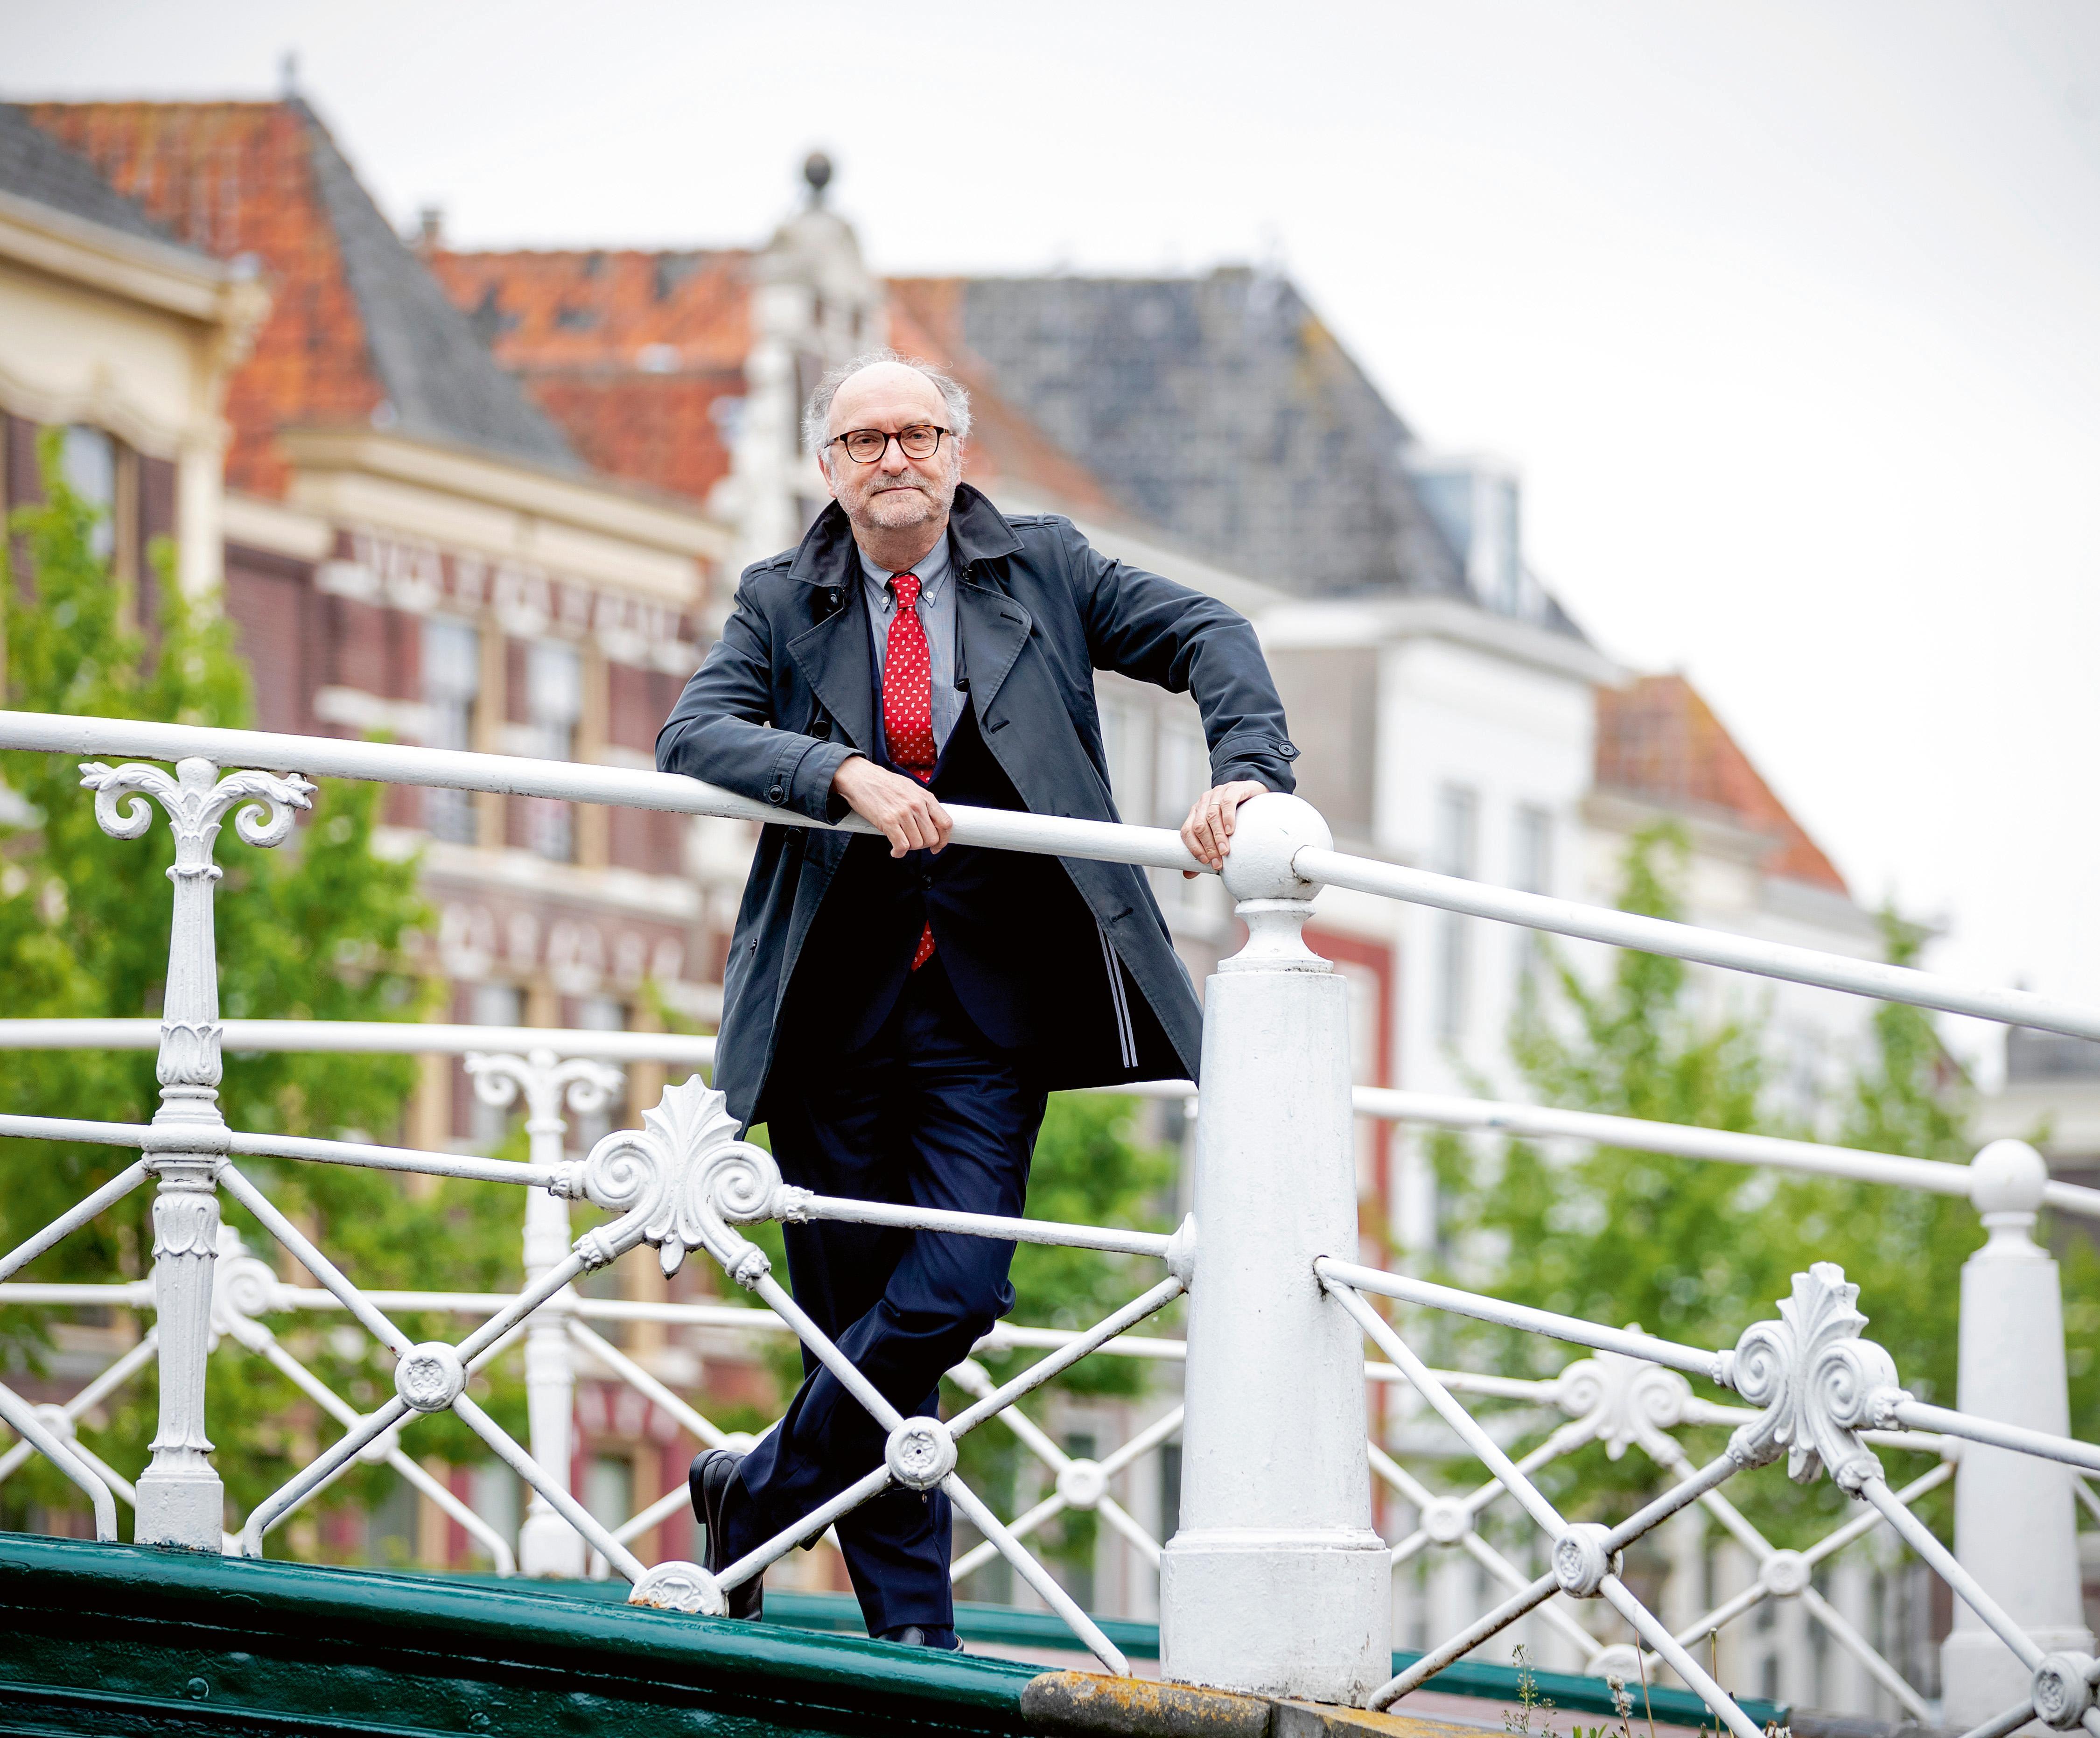 Commissie Corstens vindt 'geen enkele aanwijzing van antisemitisme' bij Paul Cliteur